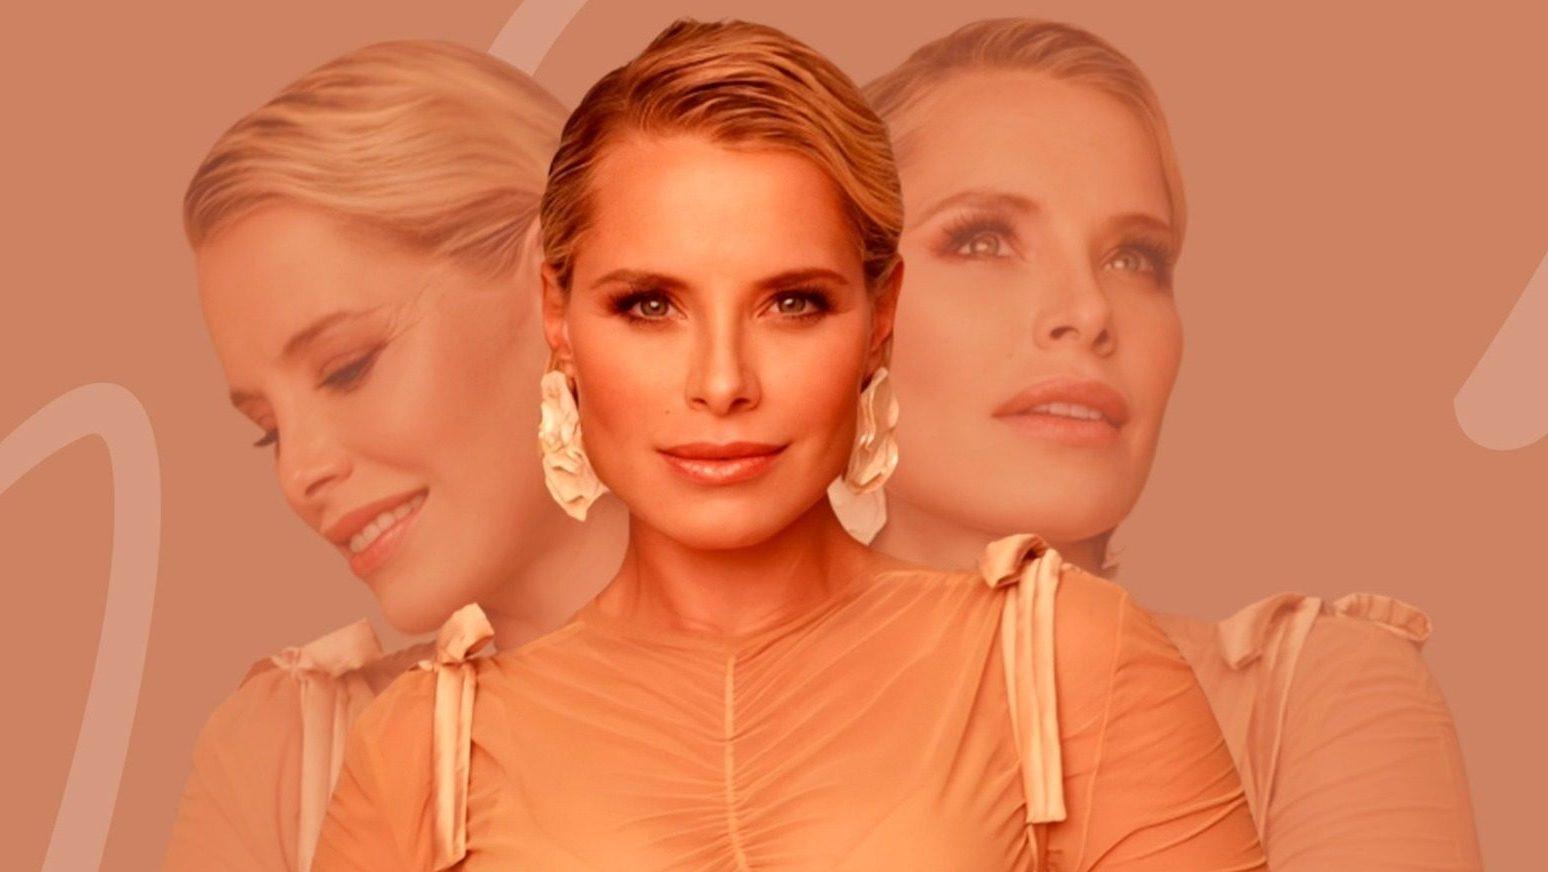 Soraya en la portada de su nuevo sencillo